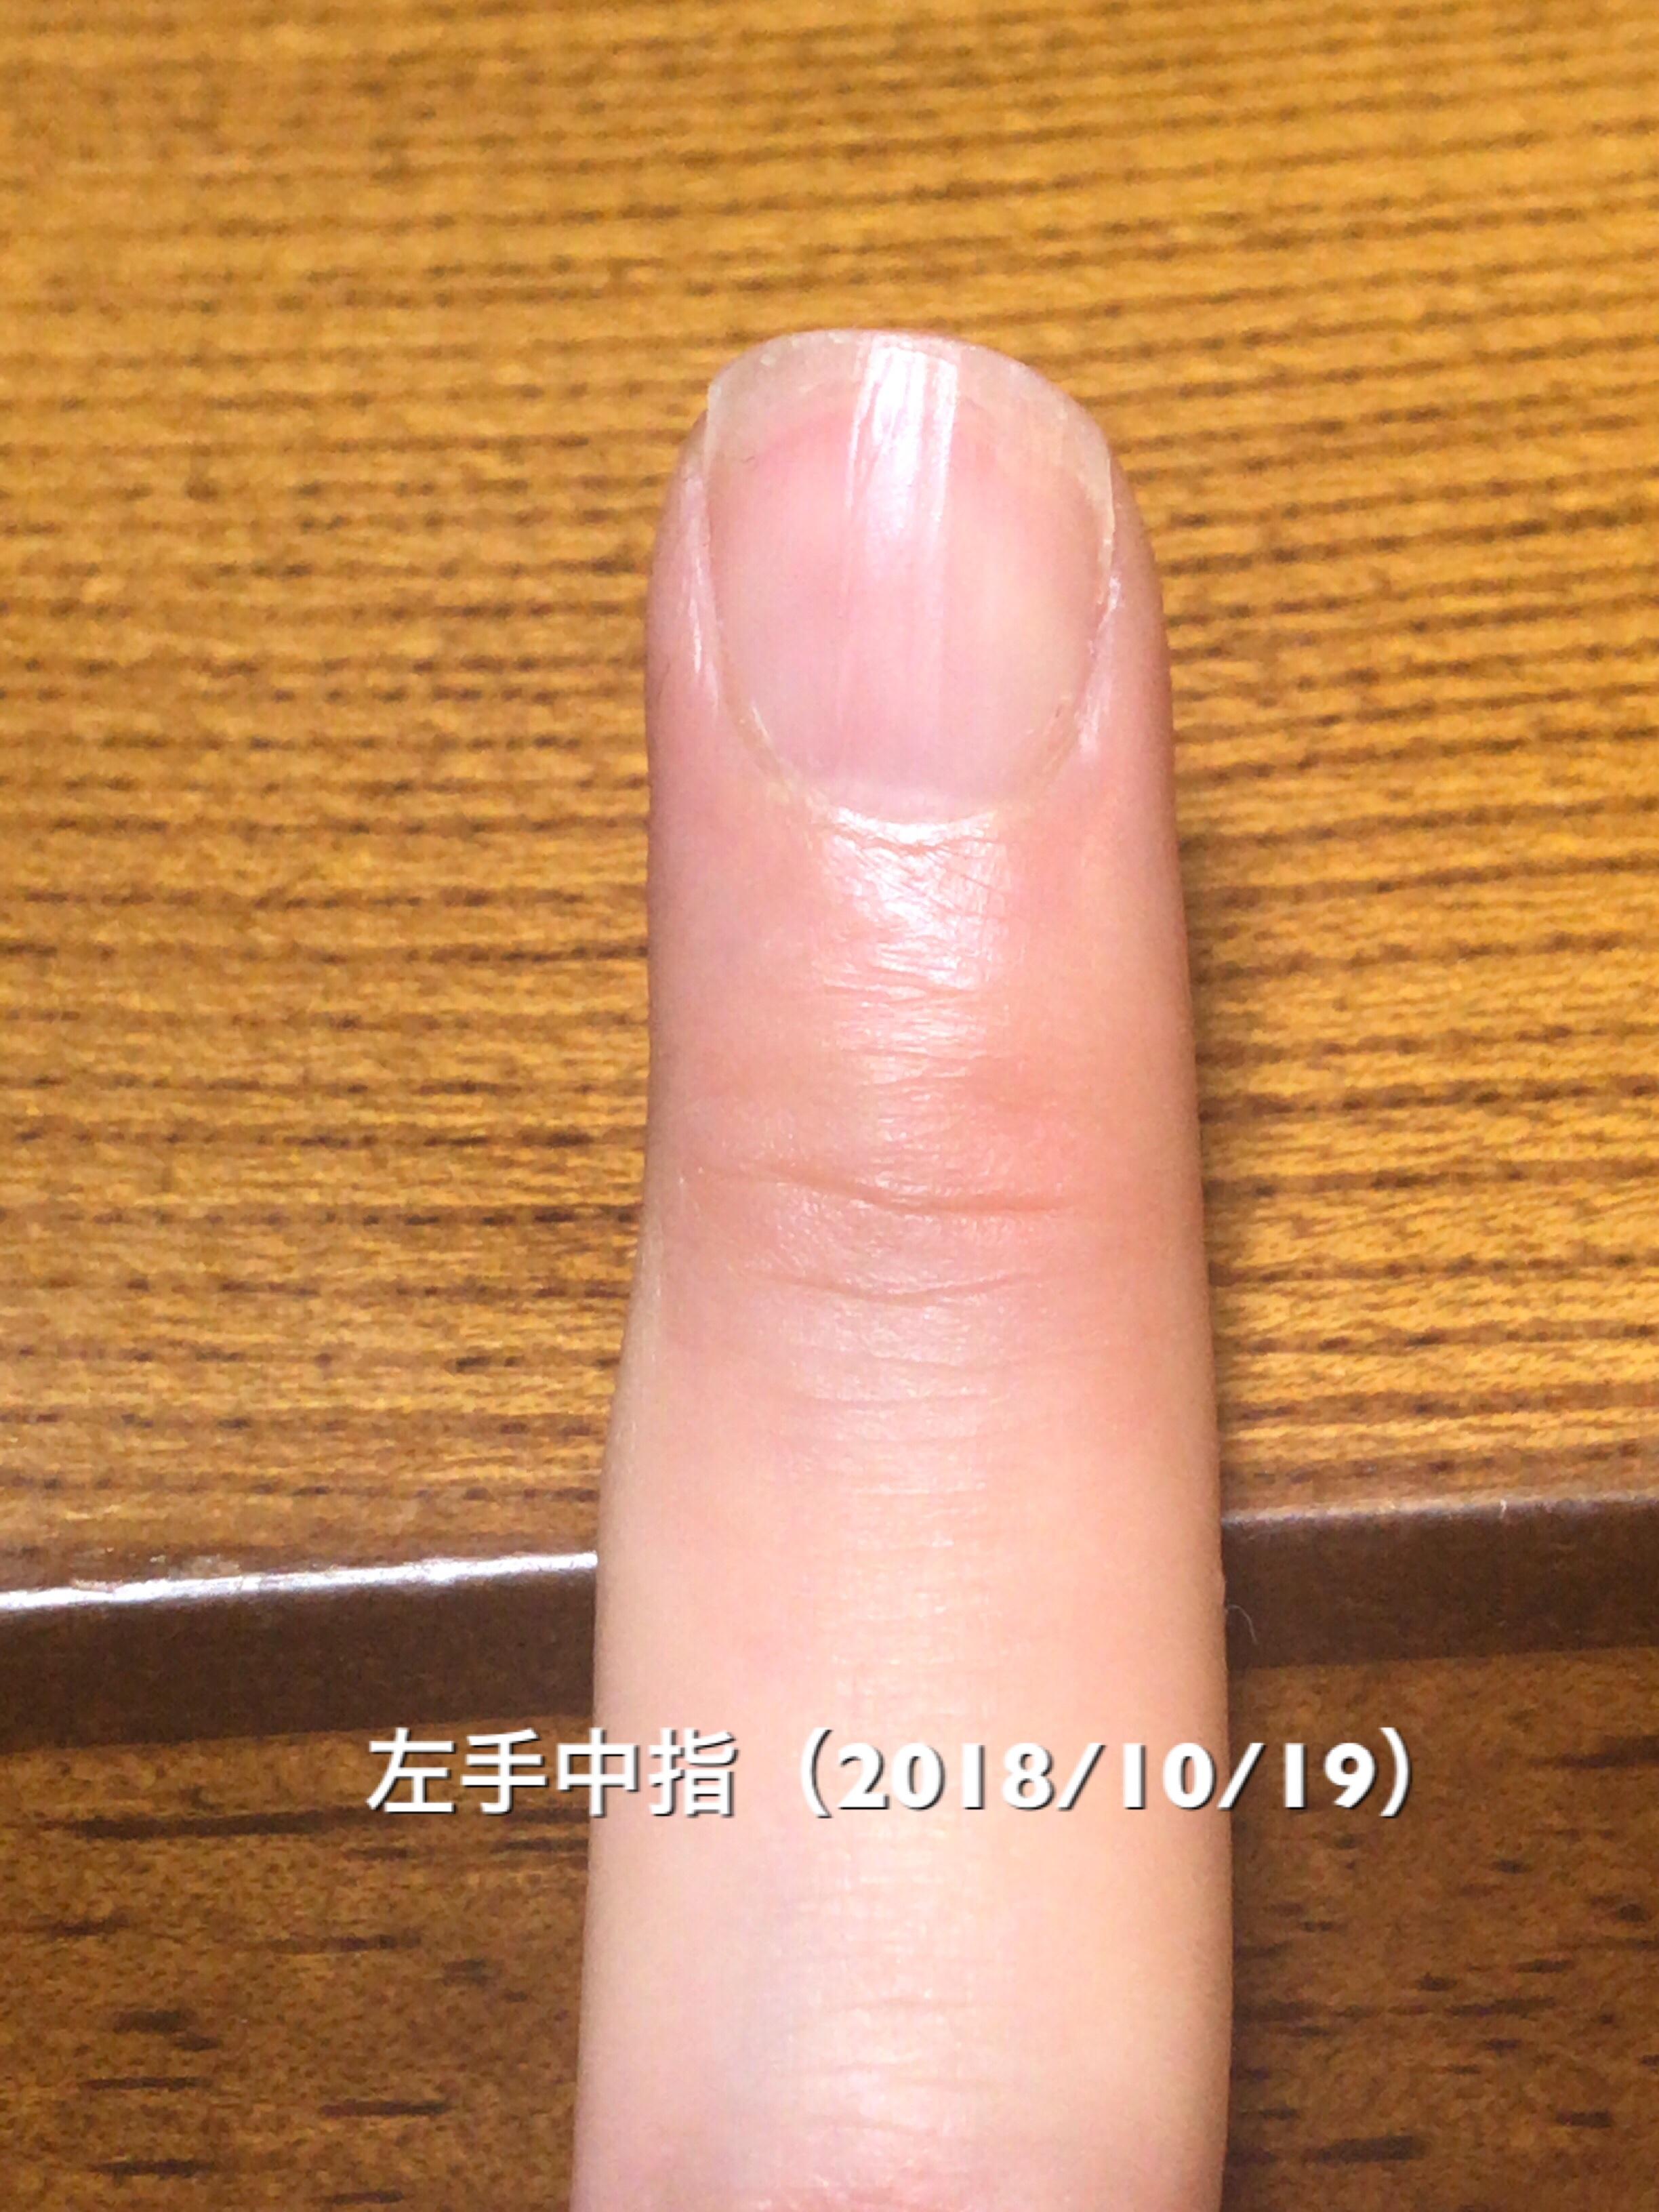 左手薬指は、中央部分のハイポニキウムの成長が著しく、サイド部分がそれに続くような仕上がりに。乾燥具合とかそういった影響でしょうか?左右差ありますが、サイドラインも着々と形成。均等に形を整えていきたいところです。という写真